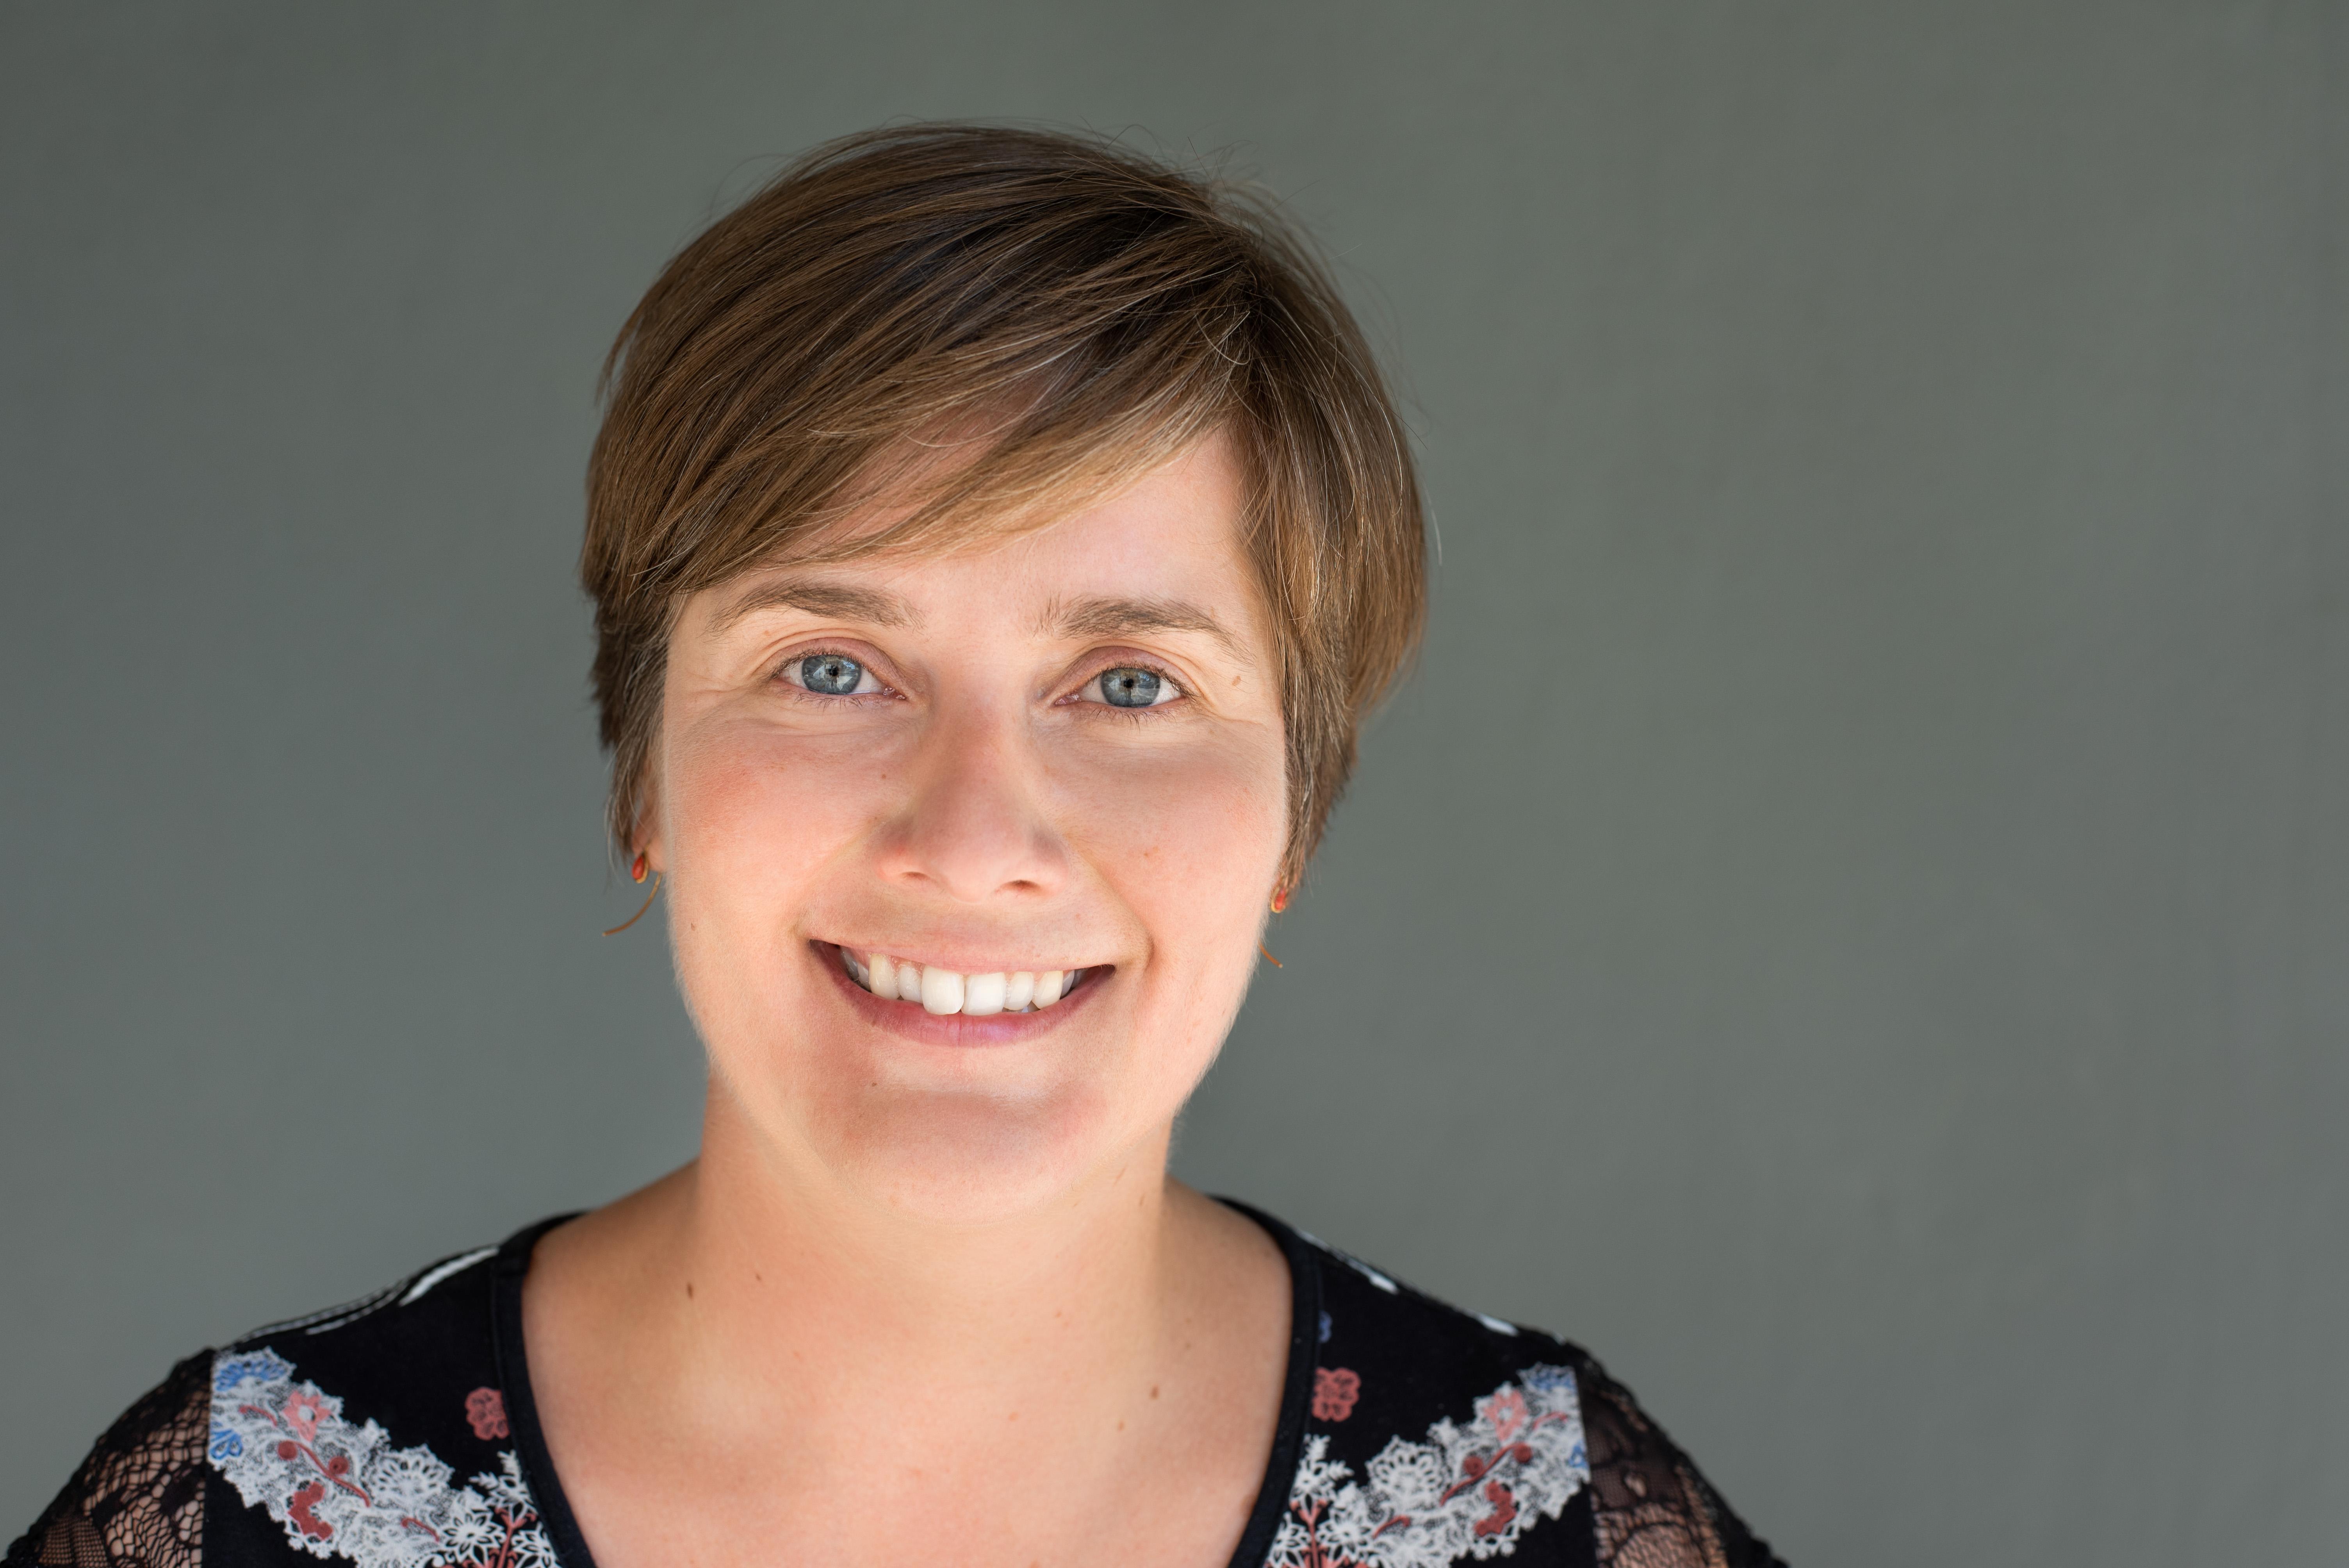 Porträt Dana Müller, Forschungsbereichsleiterin beim Forschungsdatenzentrum der Bundesagentur für Arbeit im Instituts für Arbeitsmarkt und Berufsforschung (IAB)